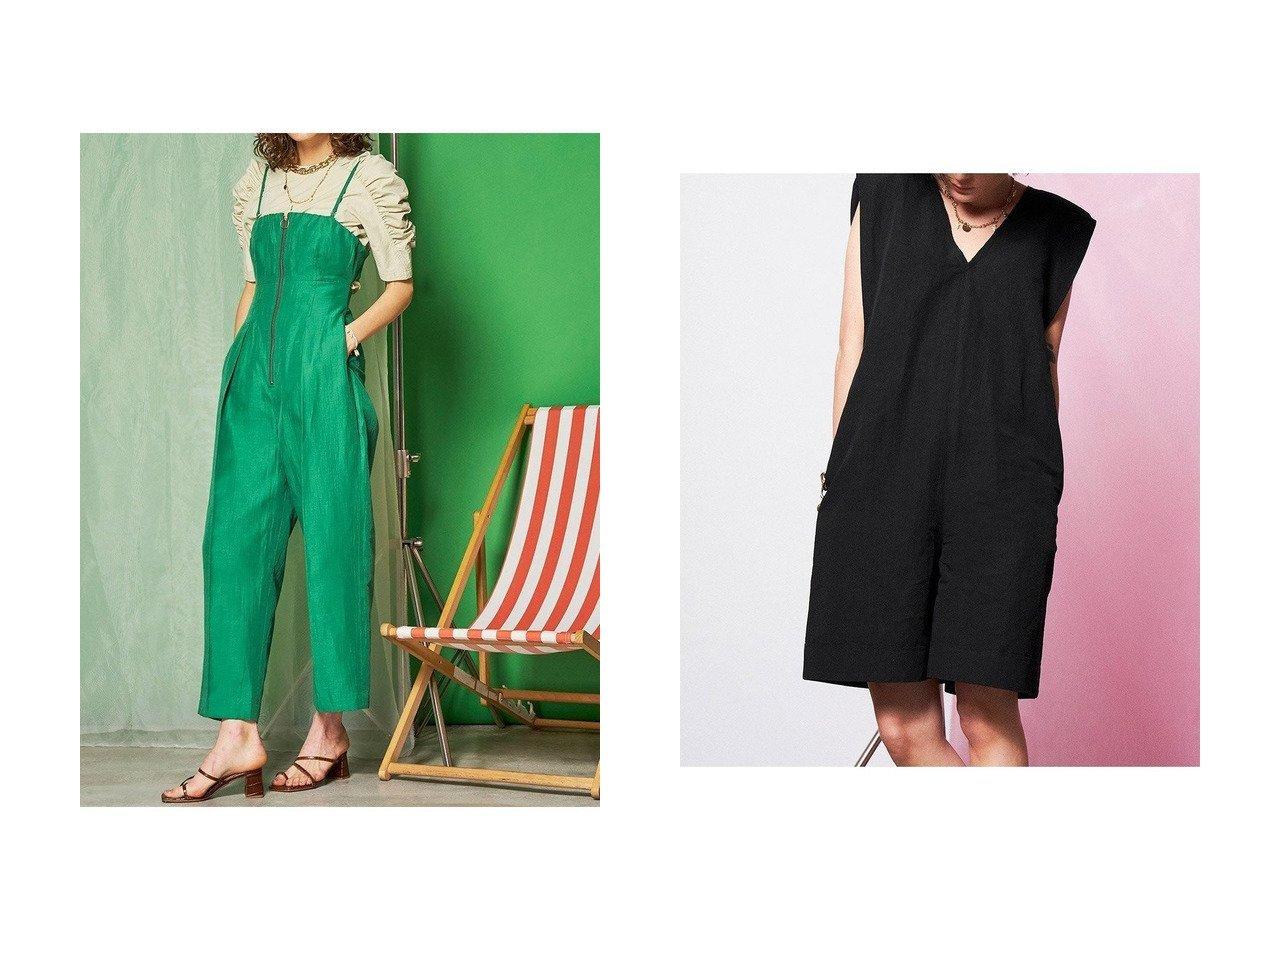 【MAISON SPECIAL/メゾンスペシャル】のショーツロンパース&ベアトップロンパース 【ワンピース・ドレス】おすすめ!人気、トレンド・レディースファッションの通販 おすすめで人気の流行・トレンド、ファッションの通販商品 インテリア・家具・メンズファッション・キッズファッション・レディースファッション・服の通販 founy(ファニー) https://founy.com/ ファッション Fashion レディースファッション WOMEN パンツ Pants インナー ショルダー ショーツ リネン ロンパース 夏 Summer |ID:crp329100000048697